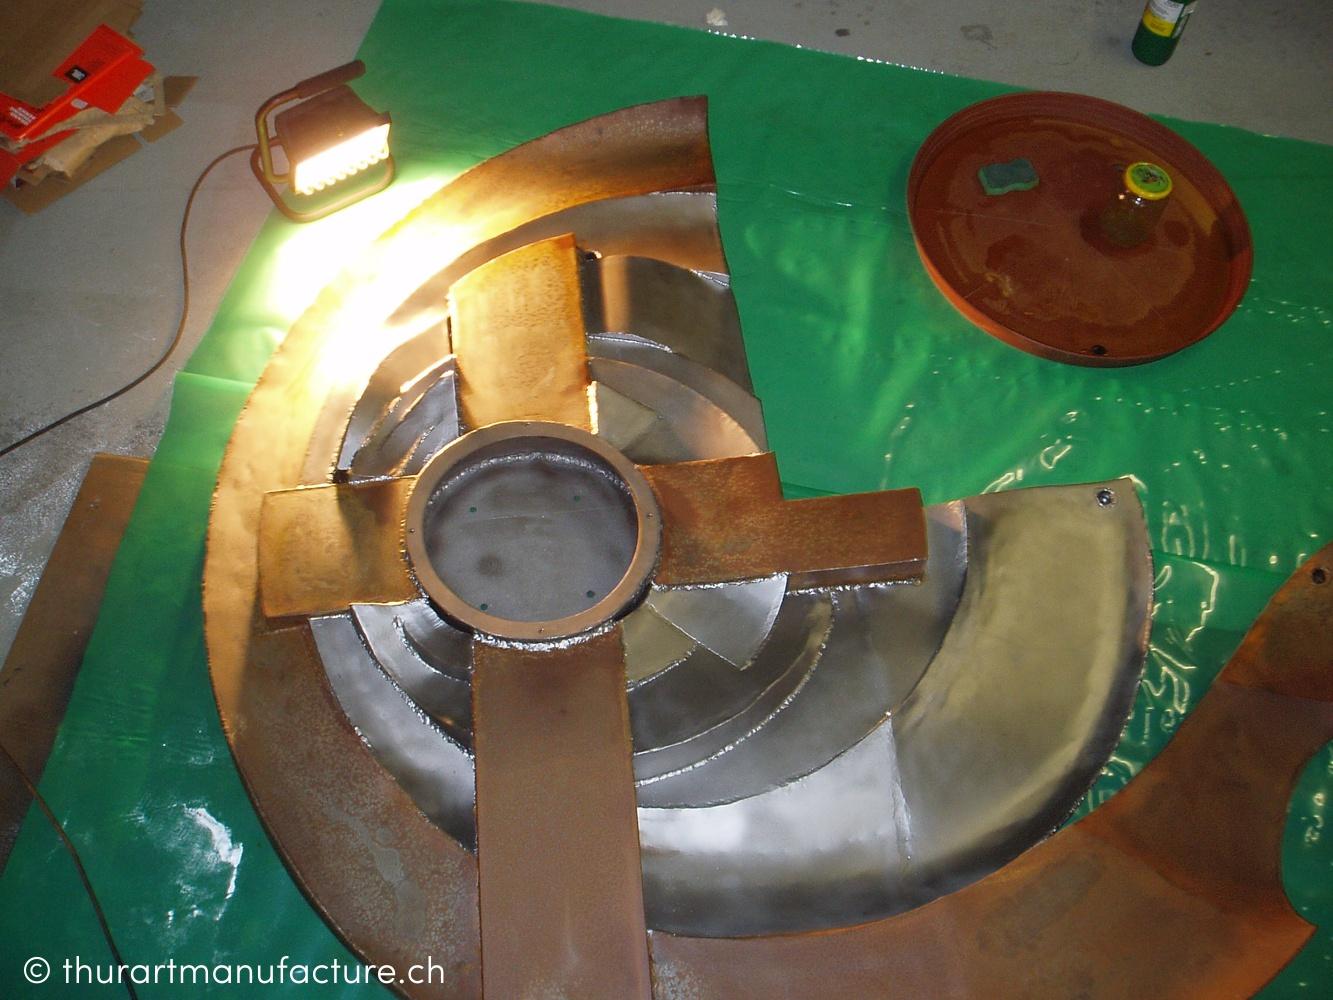 Katholisches Pfarramt Tann-Rüti, Eingangshalle und Empfang, Metallbildplastik, 2005